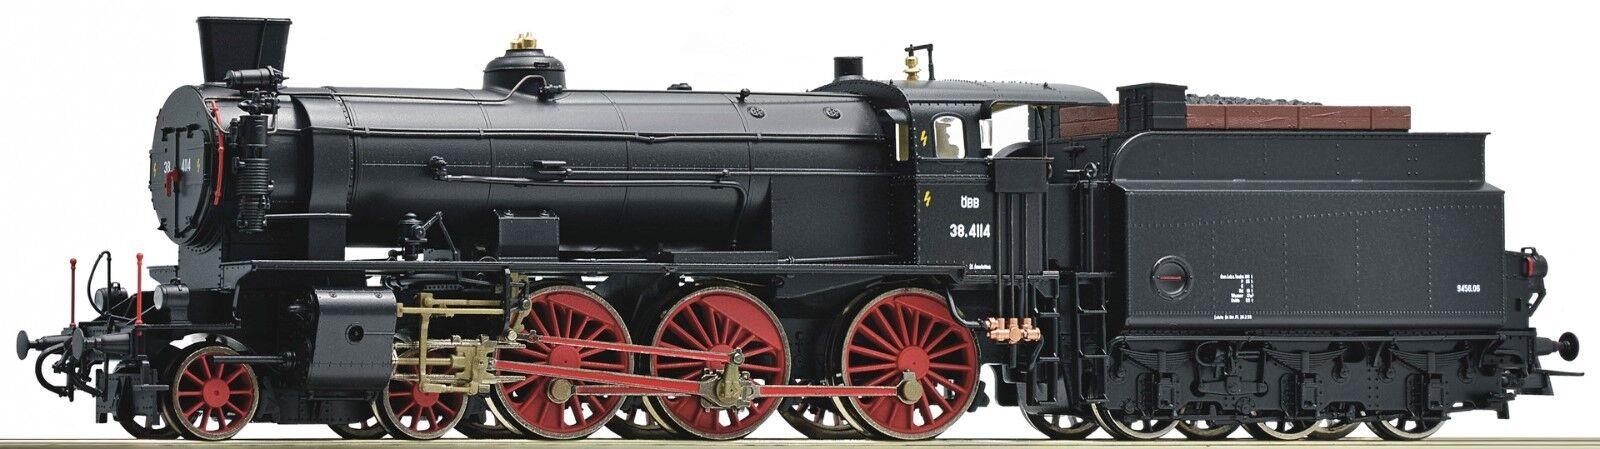 Roco 72120 Dampflok Reihe Reihe Reihe 38 4114 der ÖBB mit Giesel- Ejektor  | Verrückte Preis  7416d5